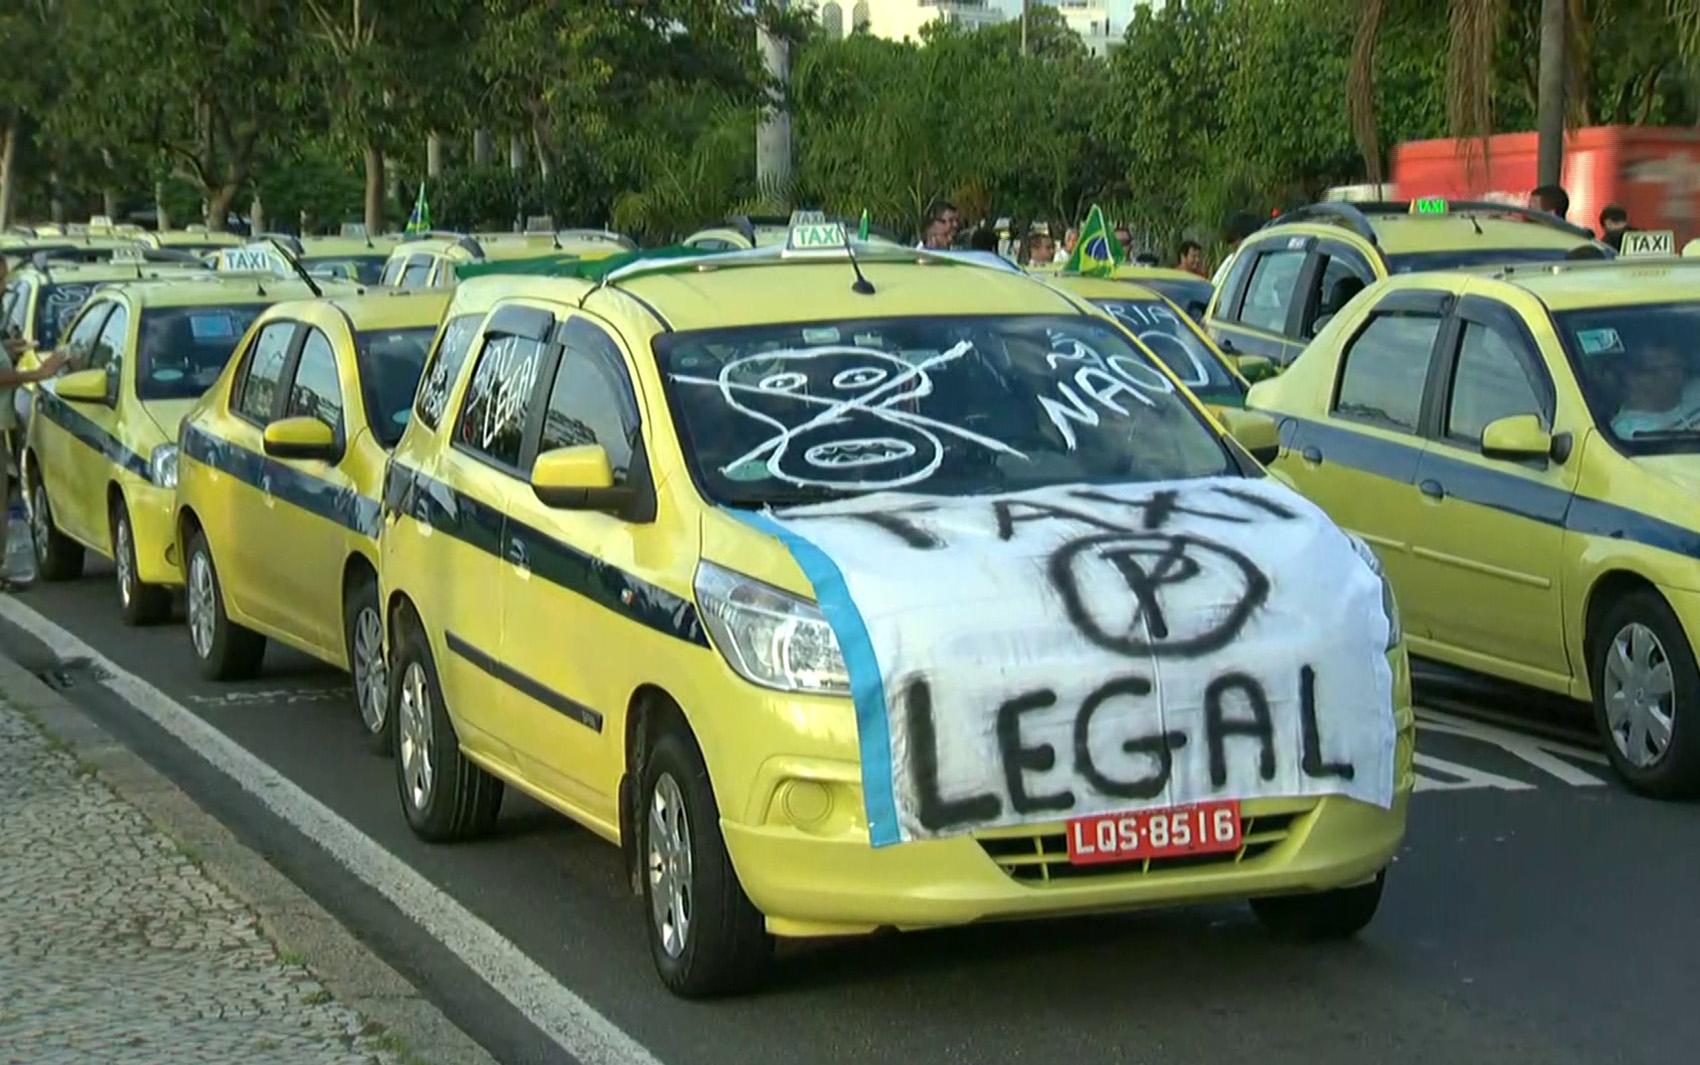 Protesto contra o aplicativo Uber deixar o trânsito lento em várias regiões do Rio